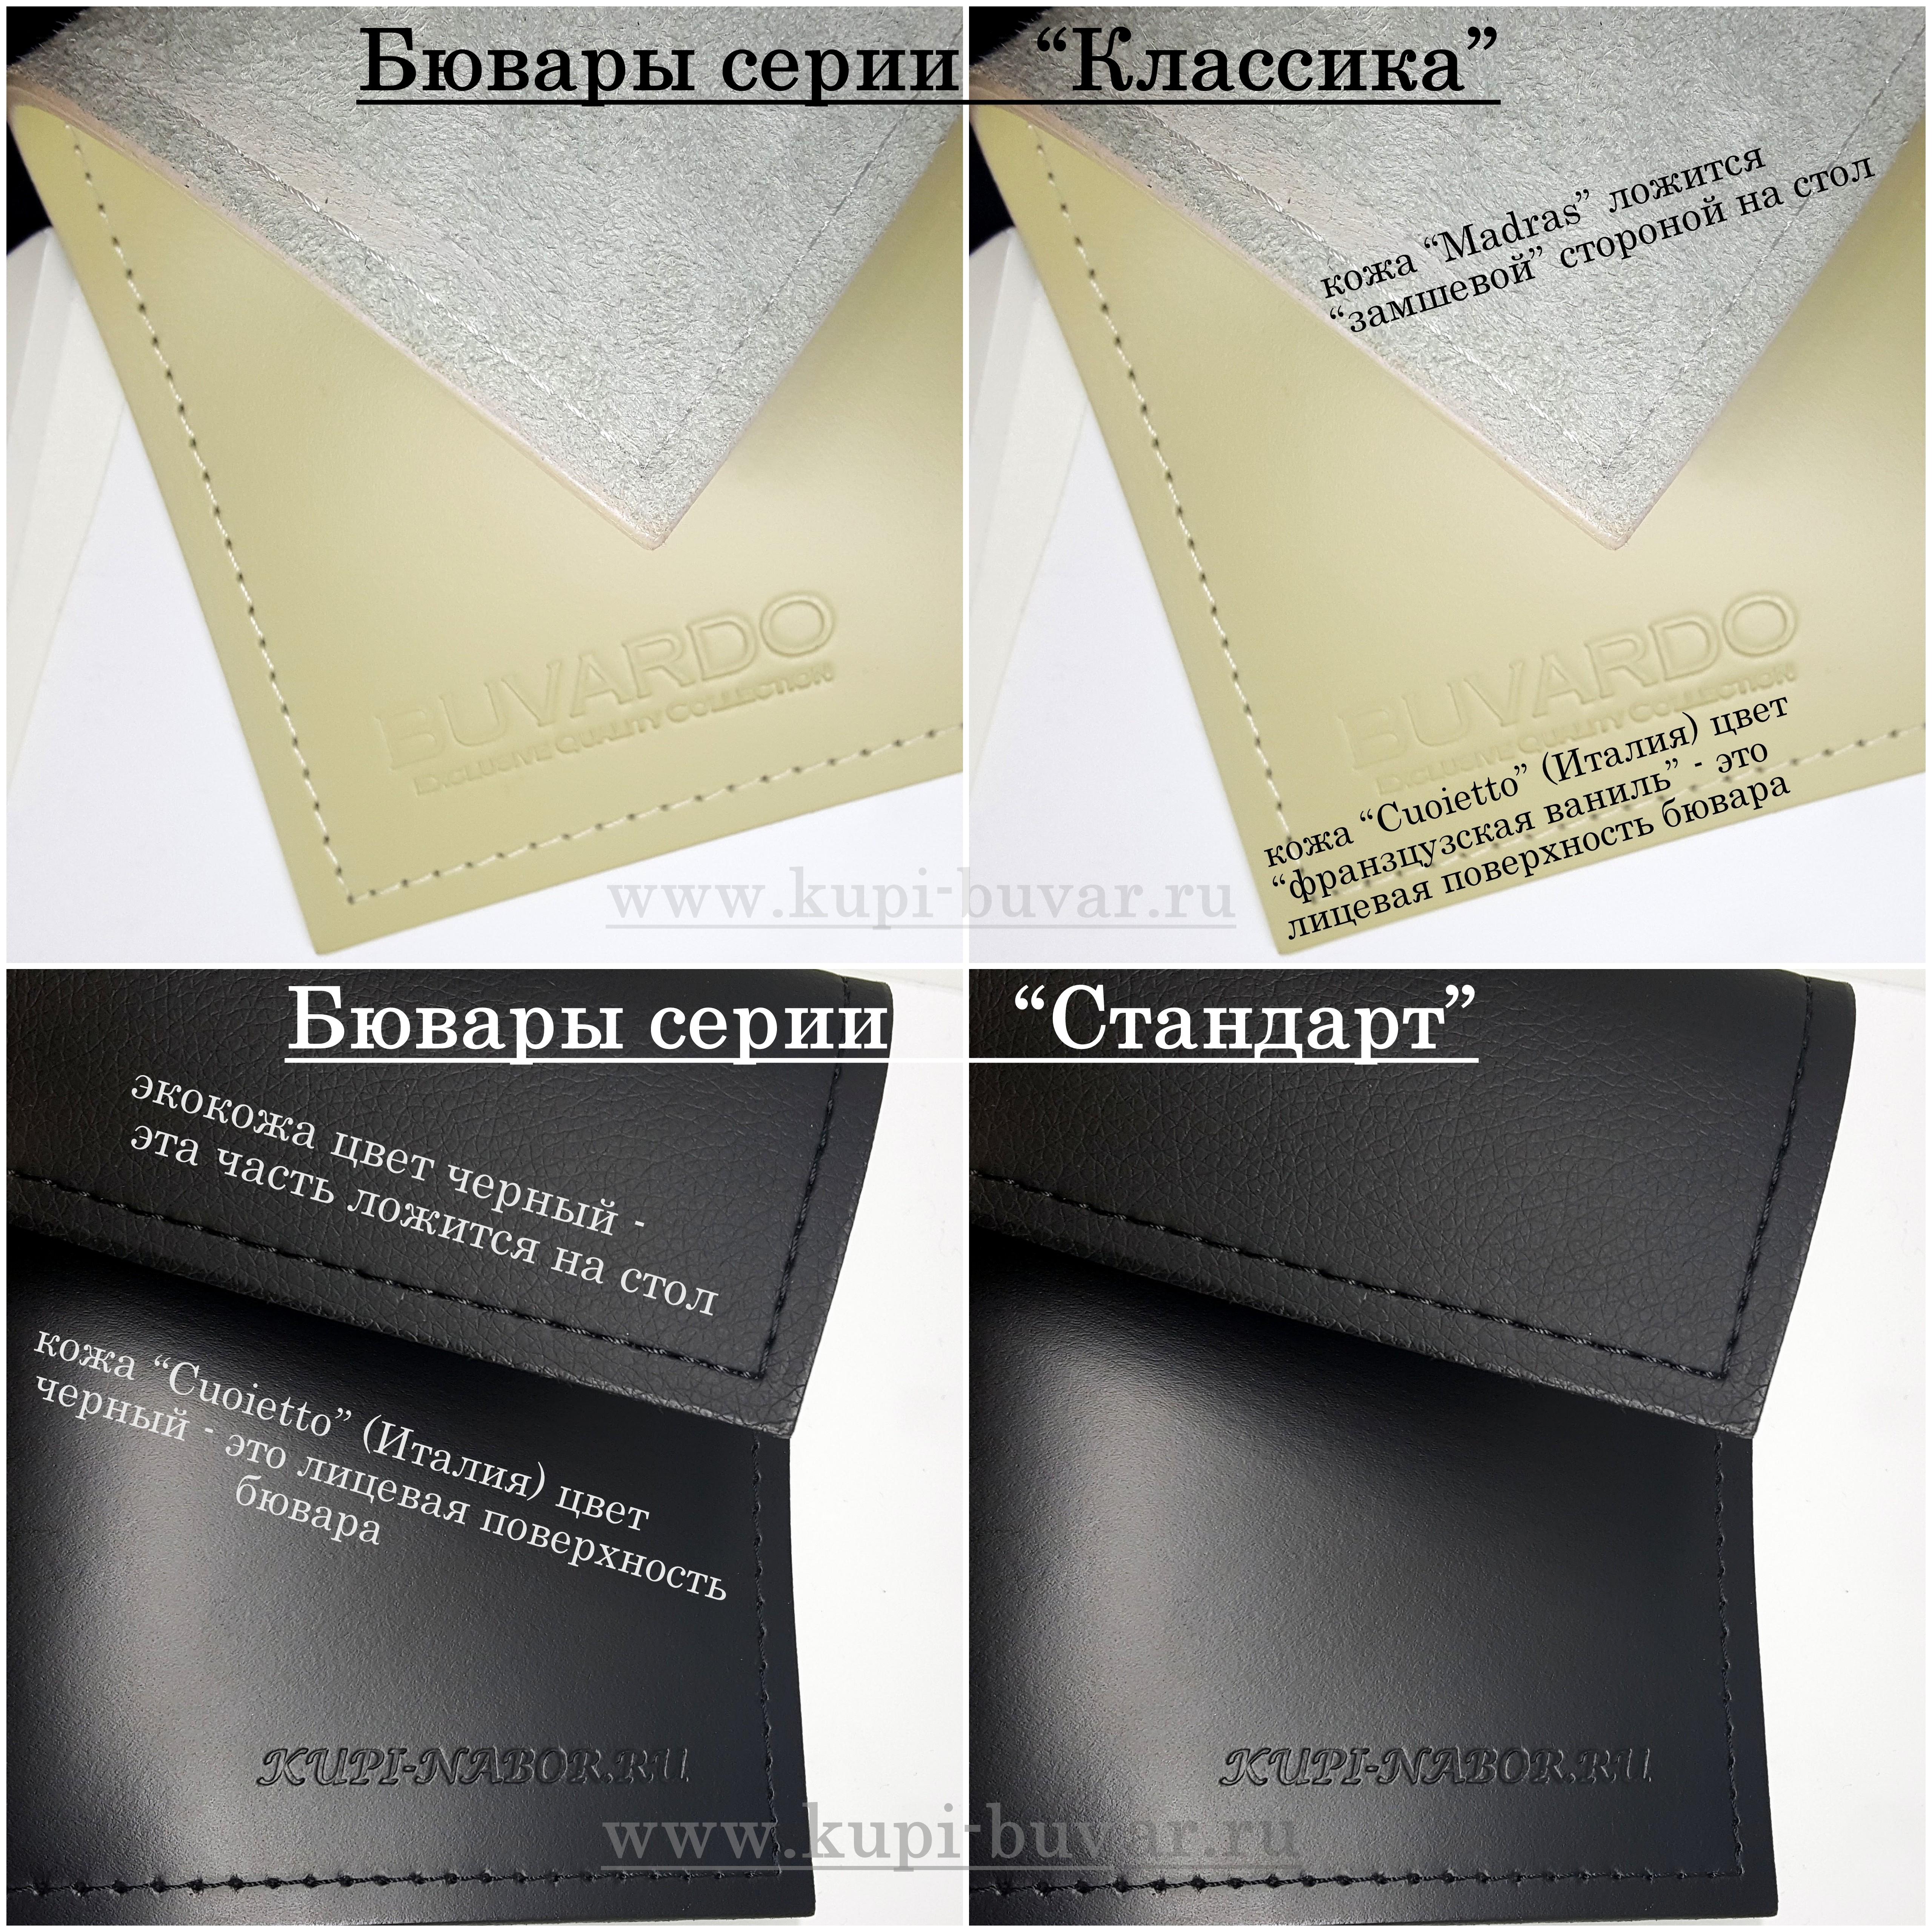 Варианты бюваров Классика и Стандарт.